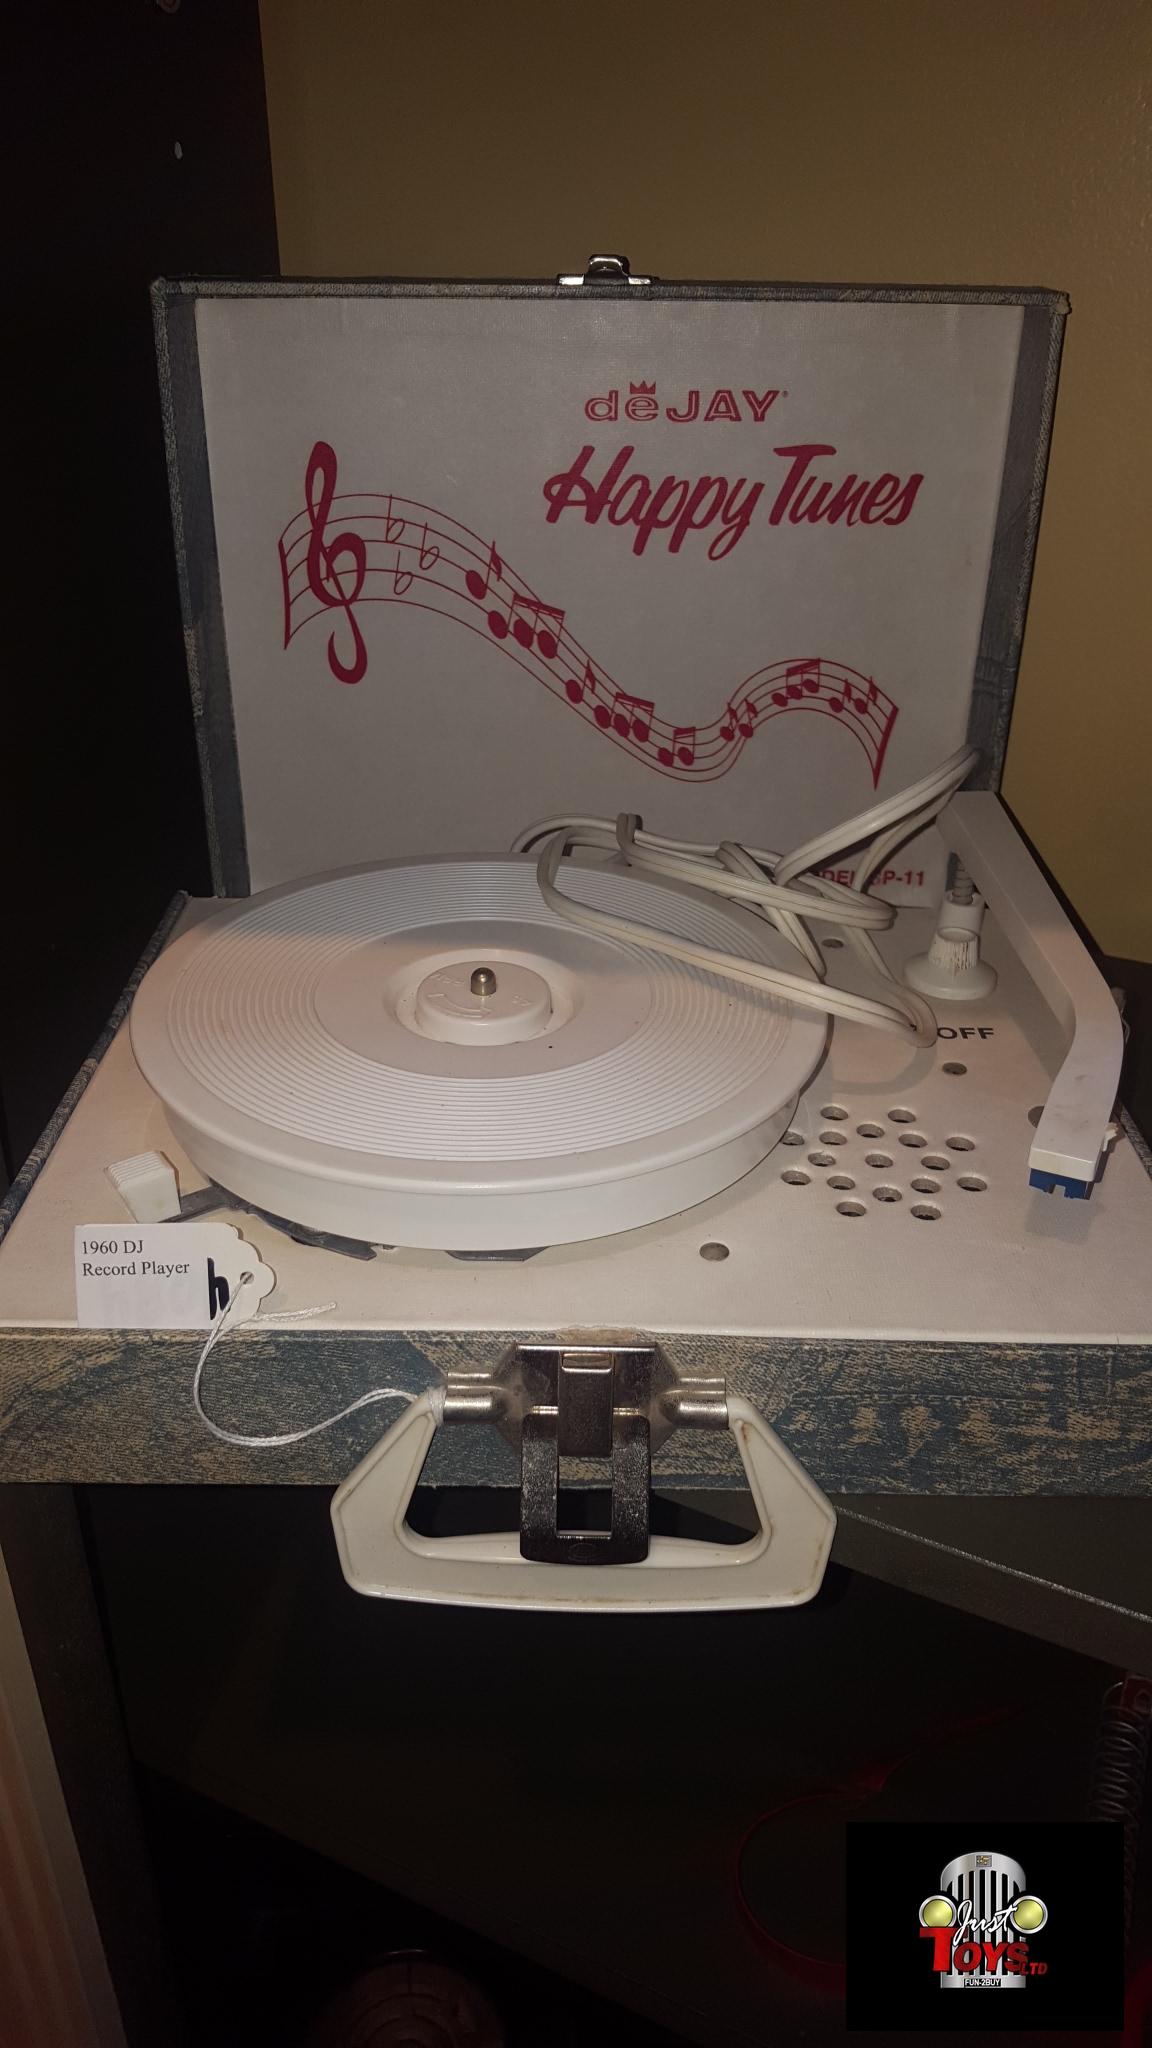 1960 DeJay Happy Tunes Record Player.